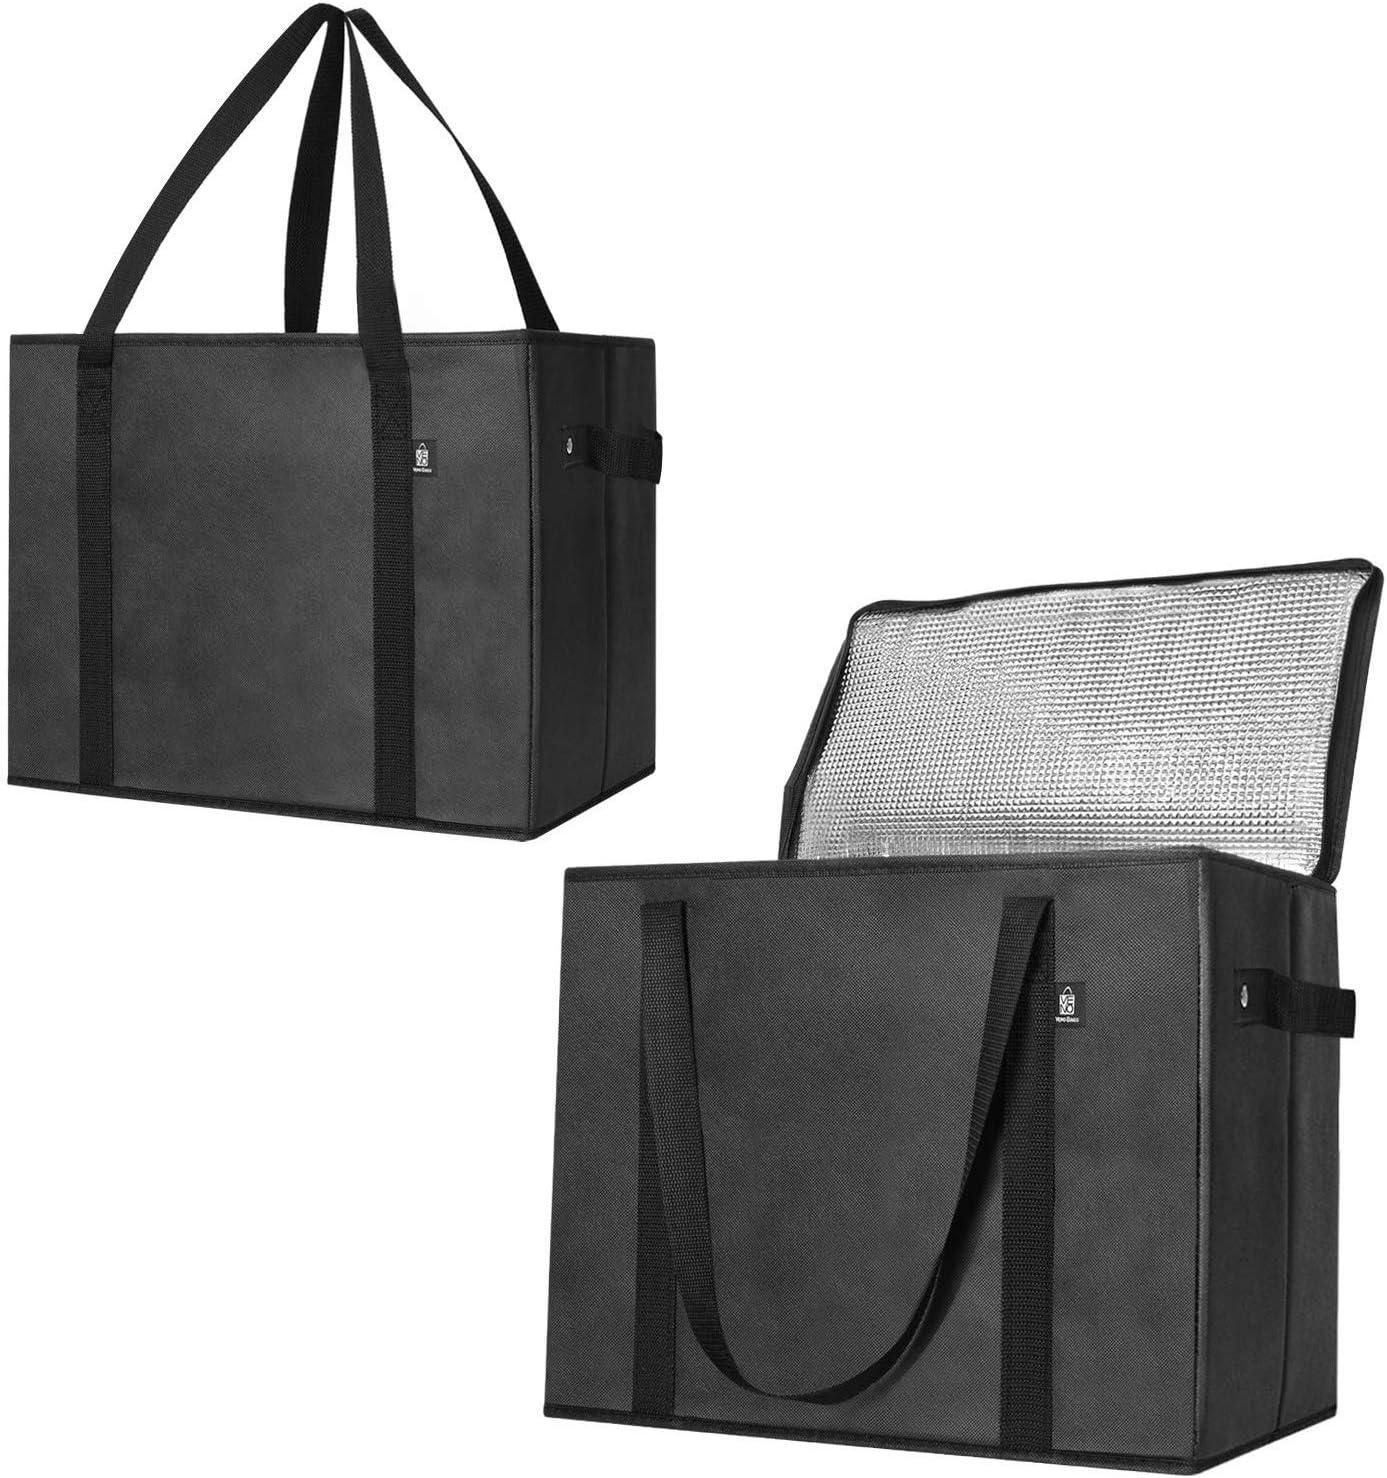 2 sacs de courses pliables avec fermeture /Éclair et fond renforc/é Mat/ériau recycl/é Veno Lot de 2 sacs de courses isothermes r/éutilisables